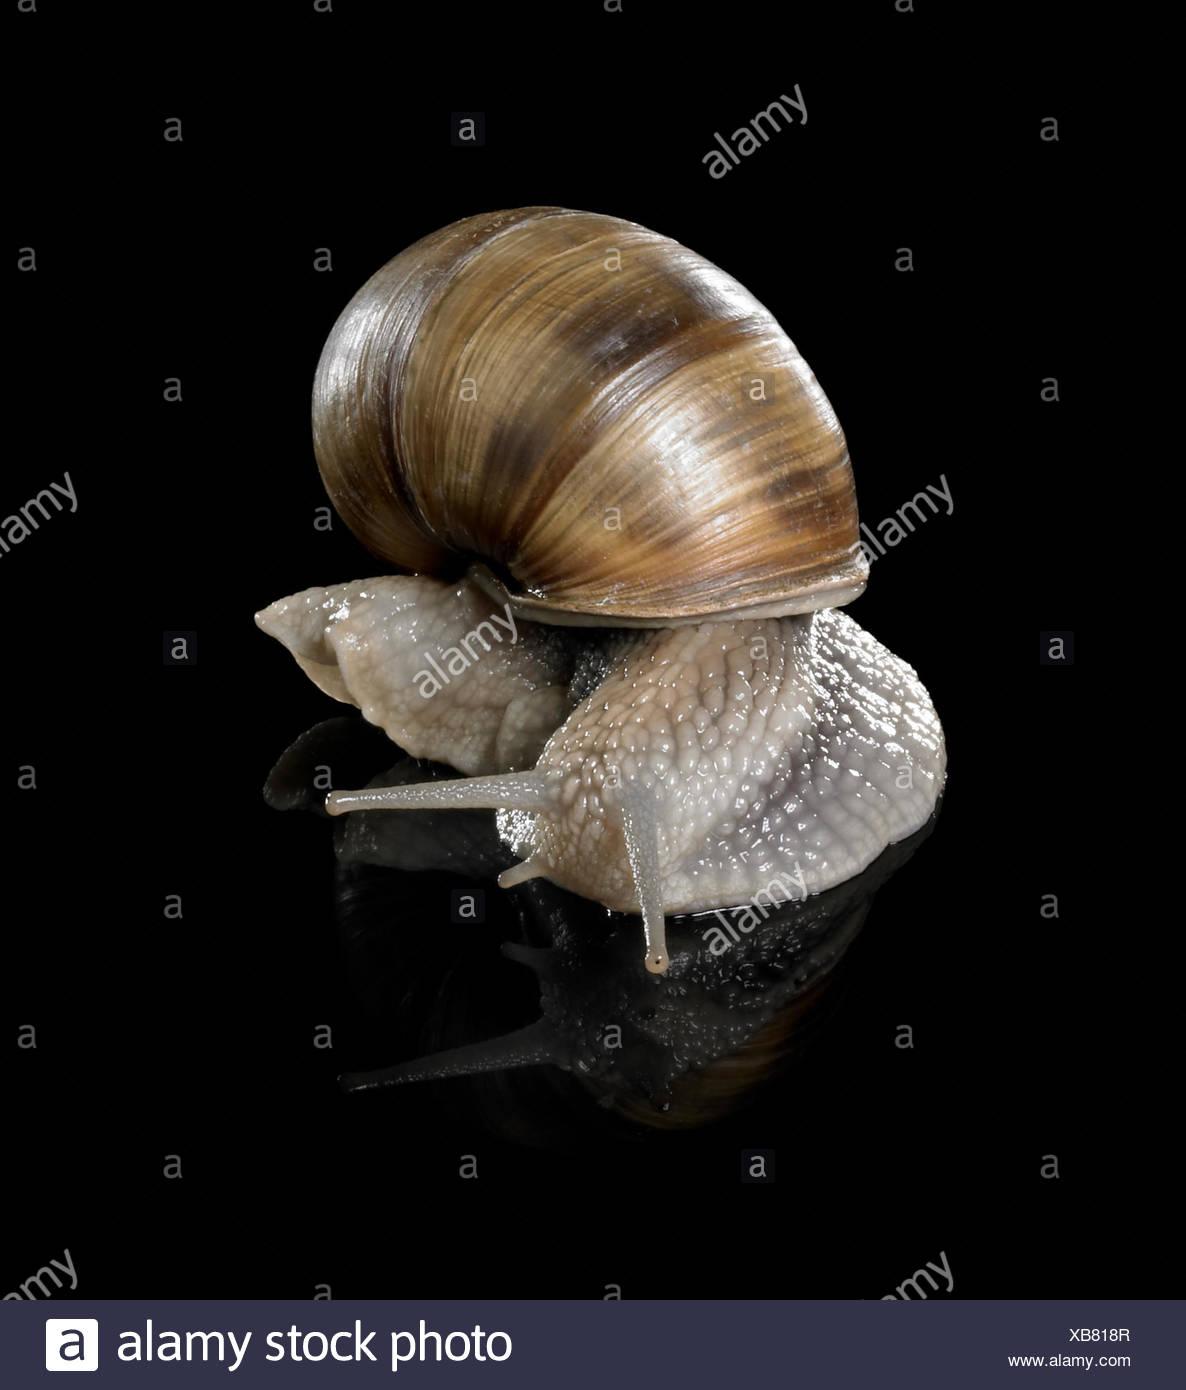 Fotografía de estudio de una vid caracol arrastrándose en negro reflectante posterior Foto de stock